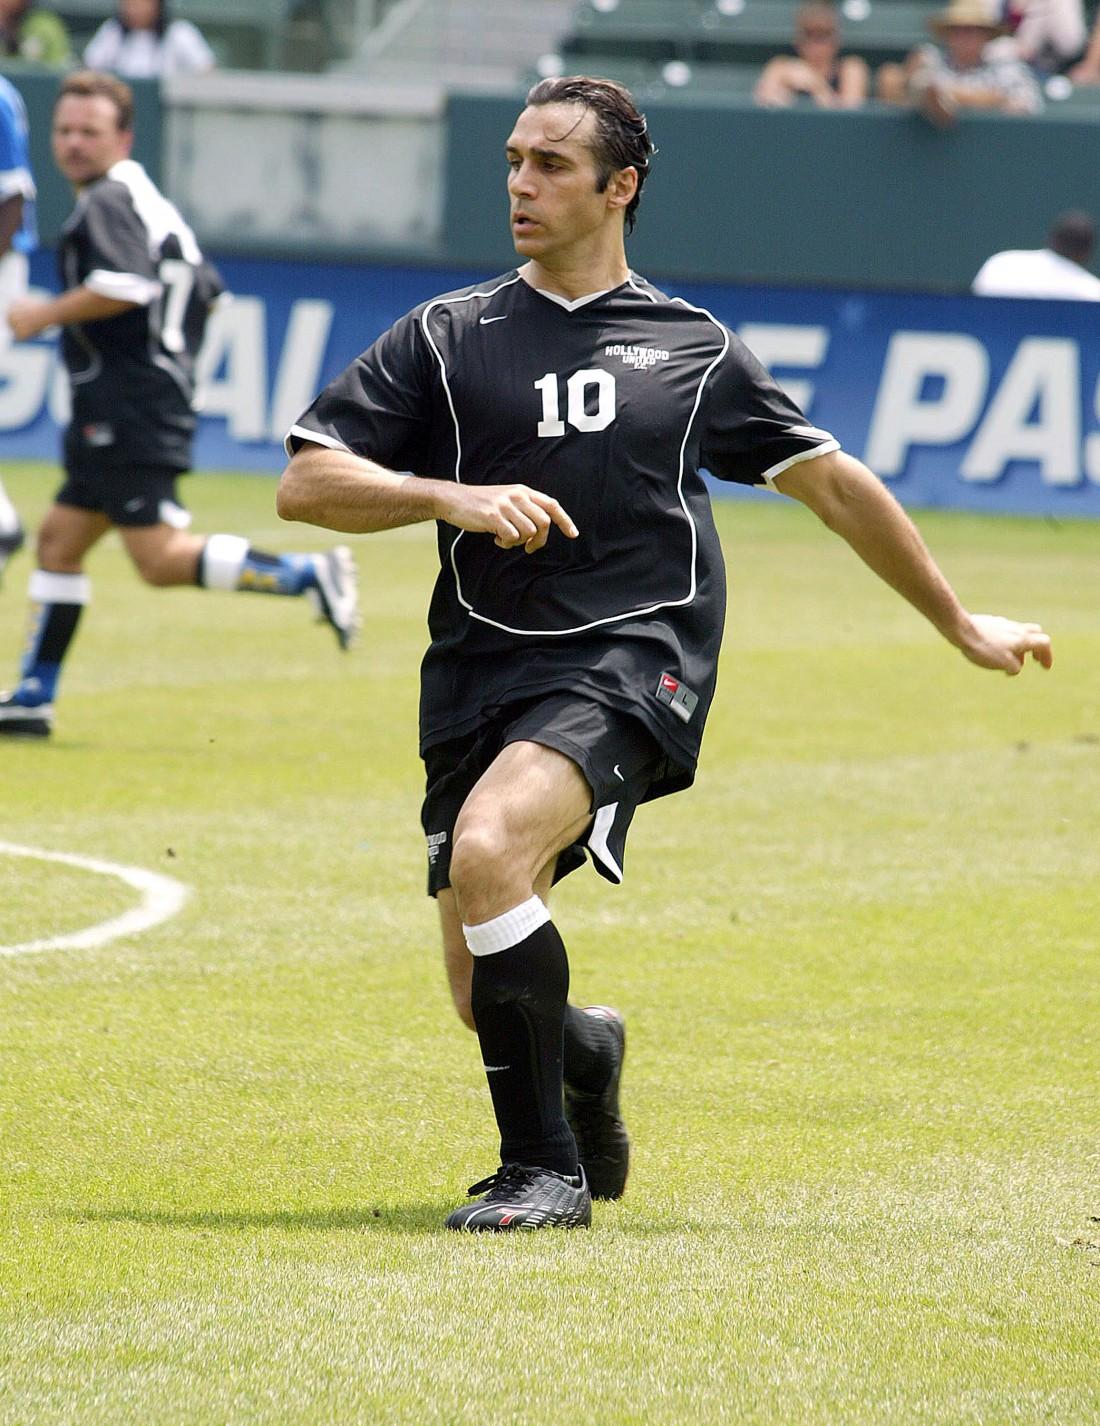 Пол с детства увлекается футболом